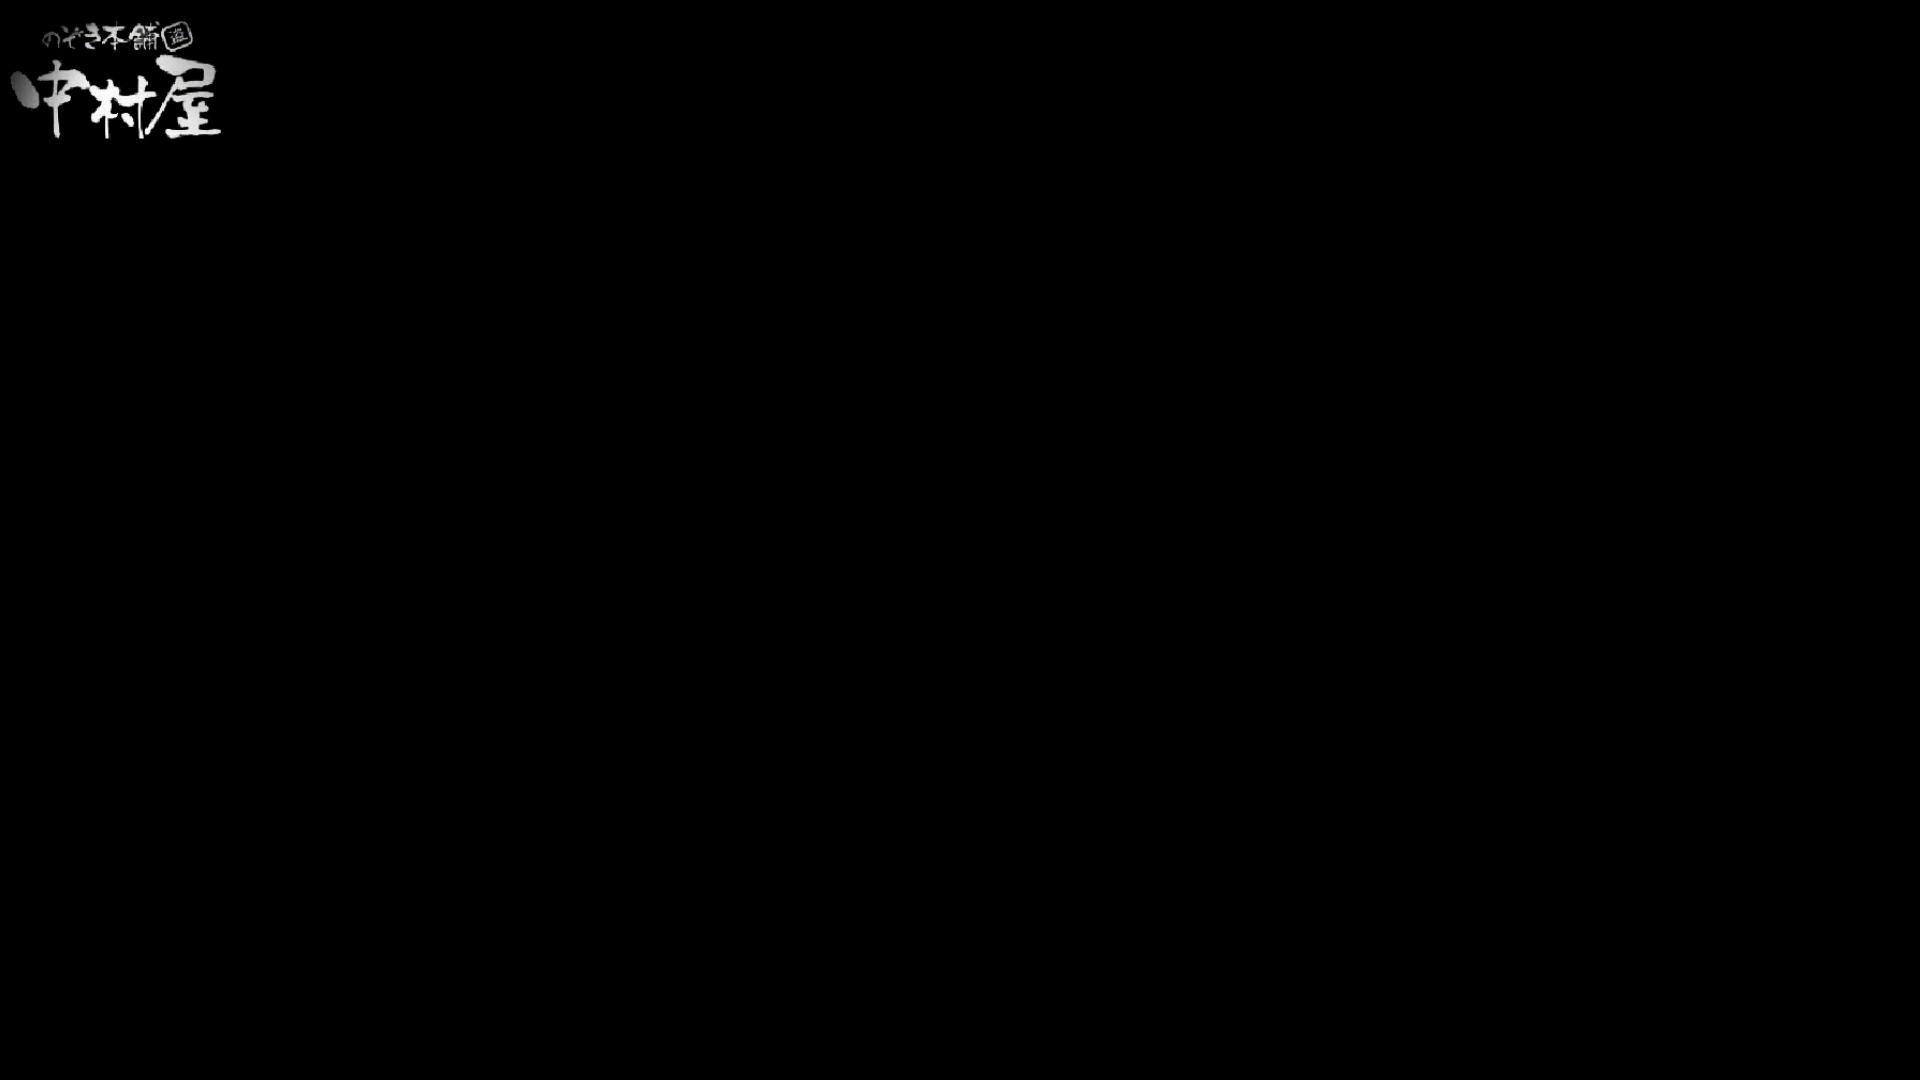 雅さんが厳選新年特別コンテンツ!激走!東京マラソン選手専用女子トイレvol.9 和式 | トイレ  57PICs 7